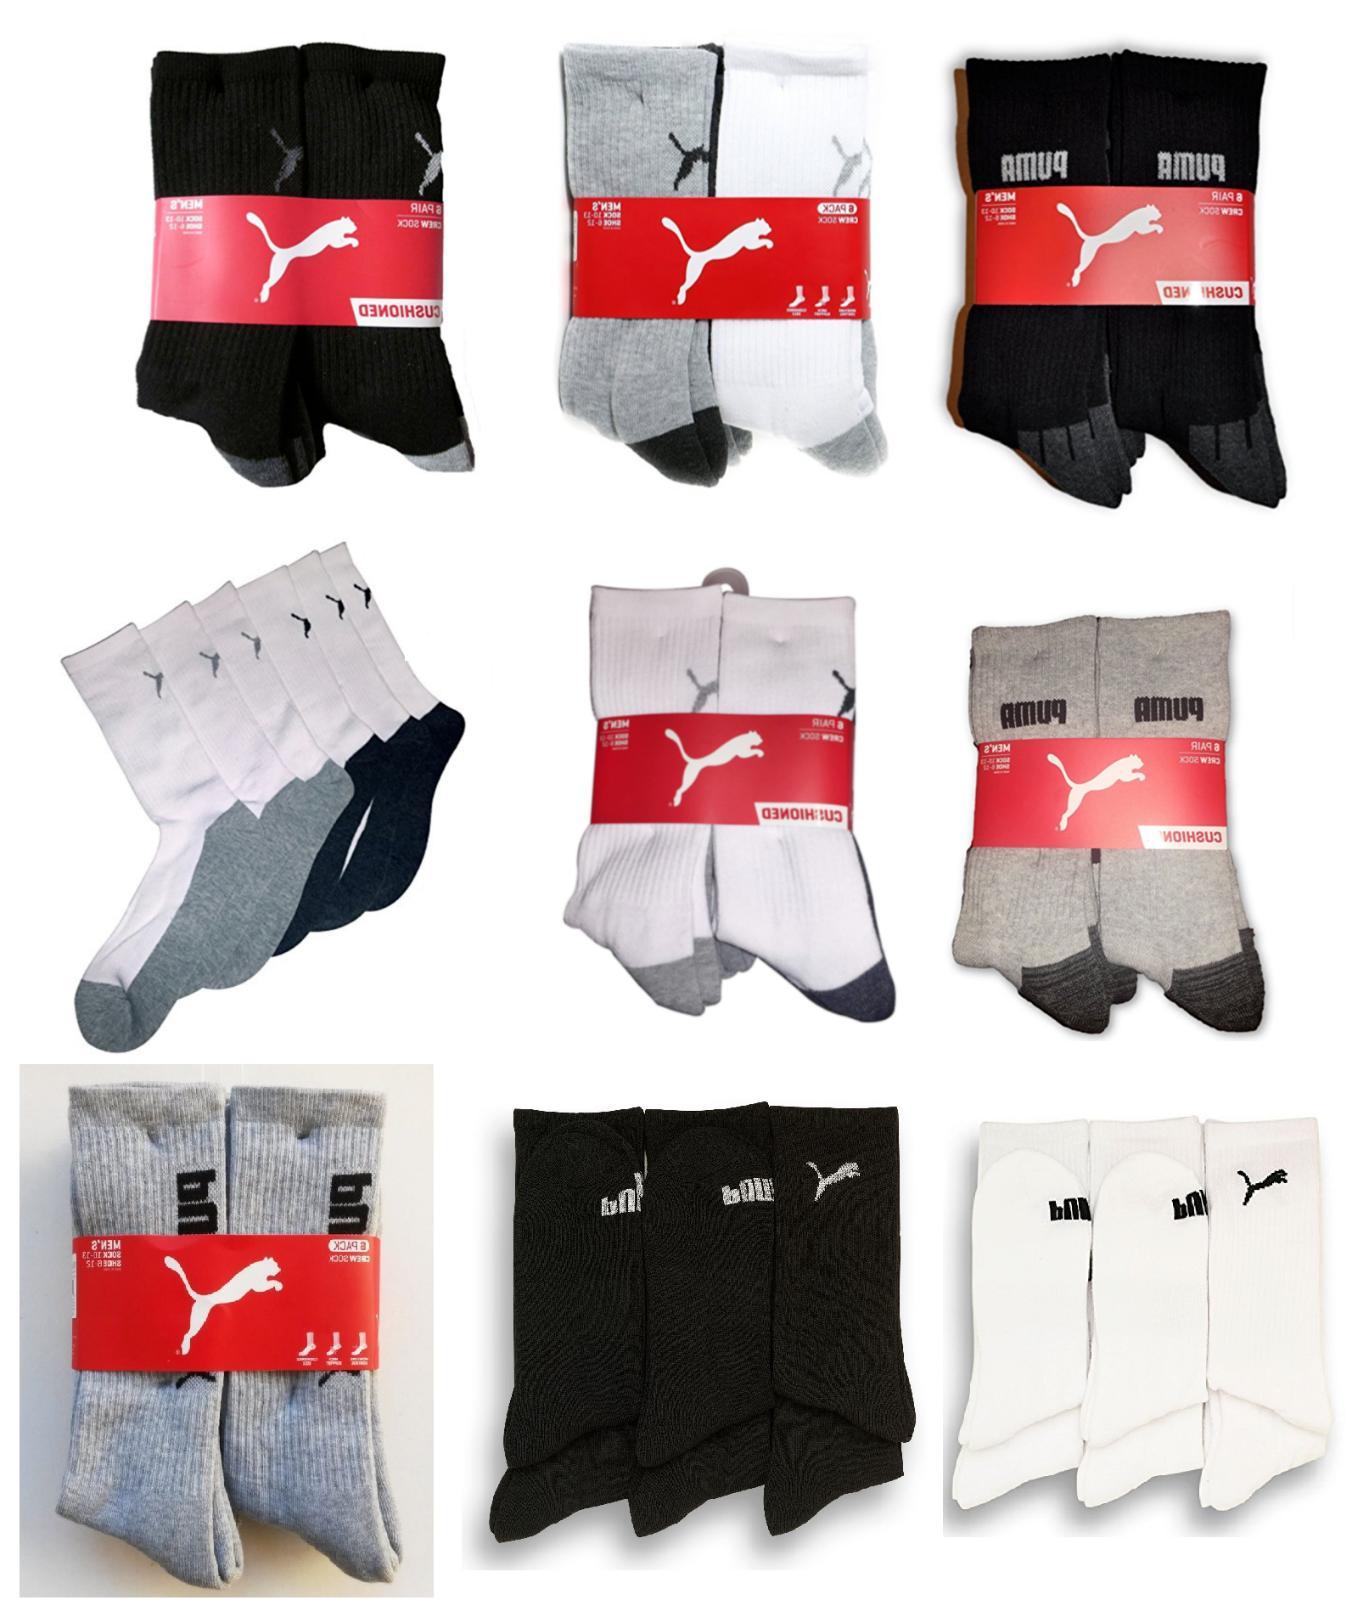 new mens crew socks 6 pair pack